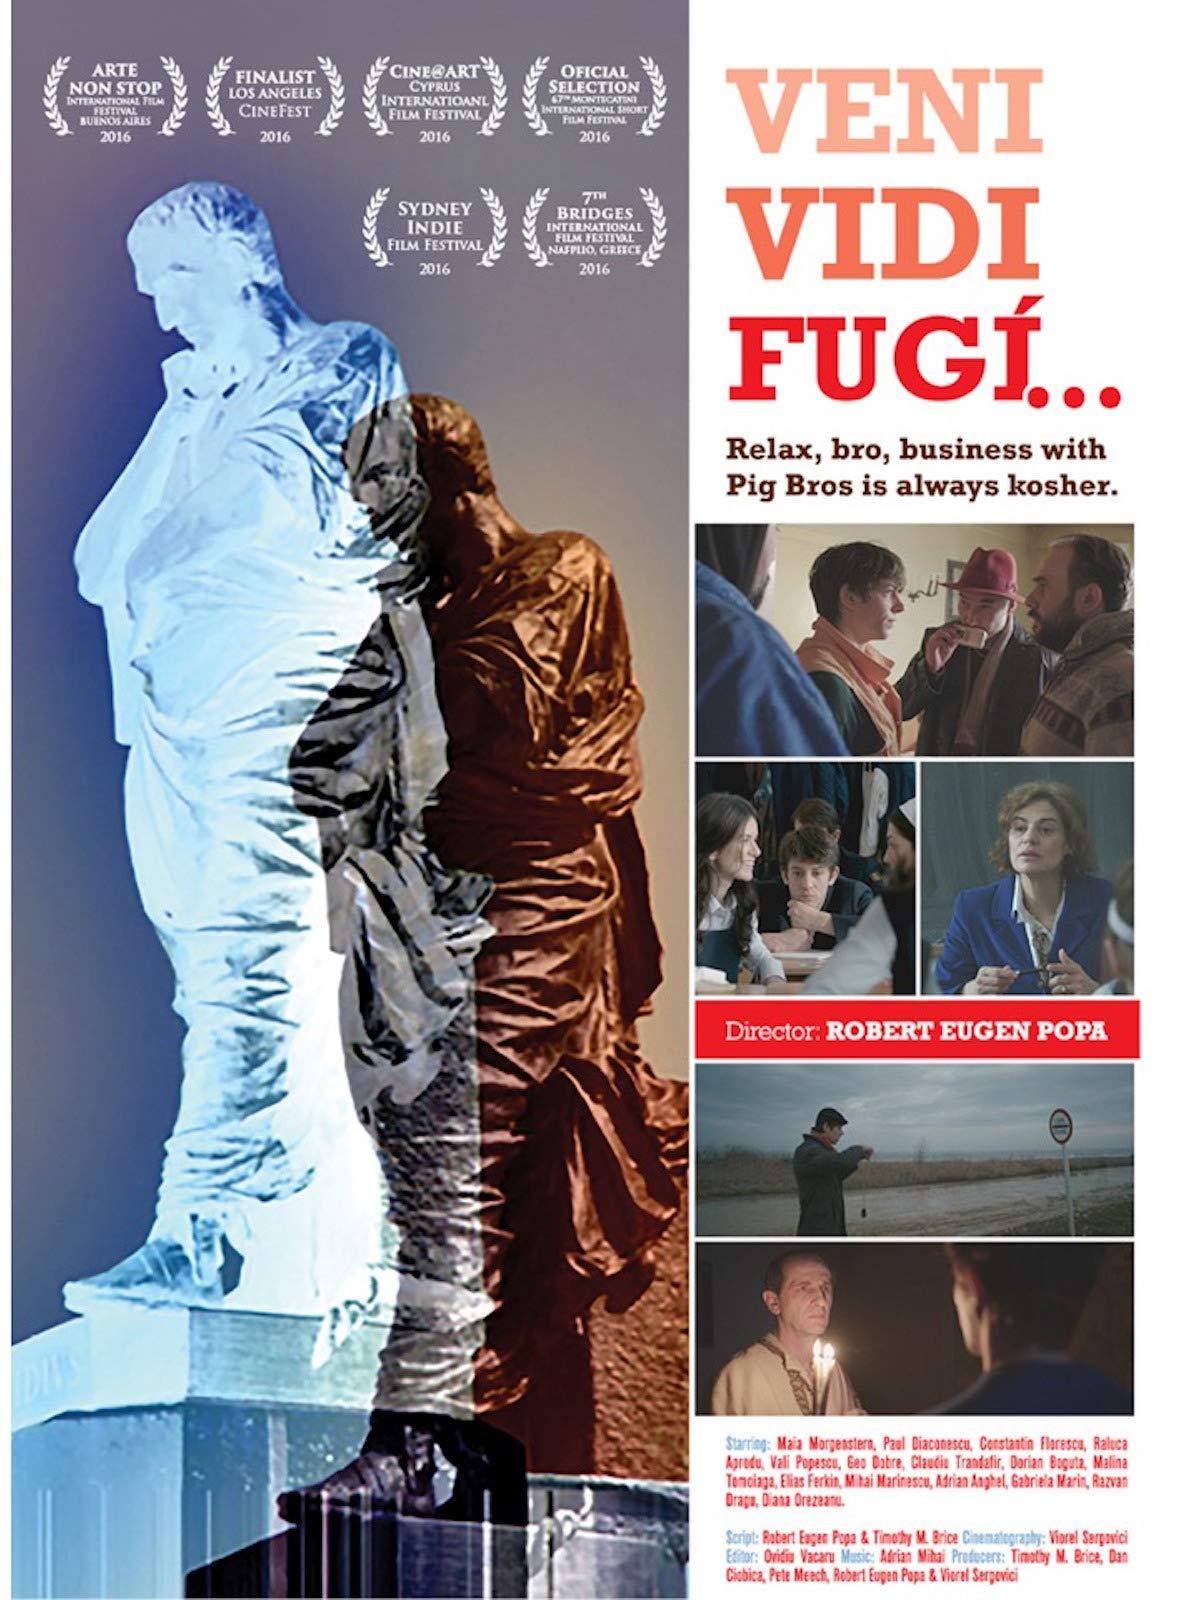 Veni, Vidi, Fugi: I Came, I Saw, I Fled